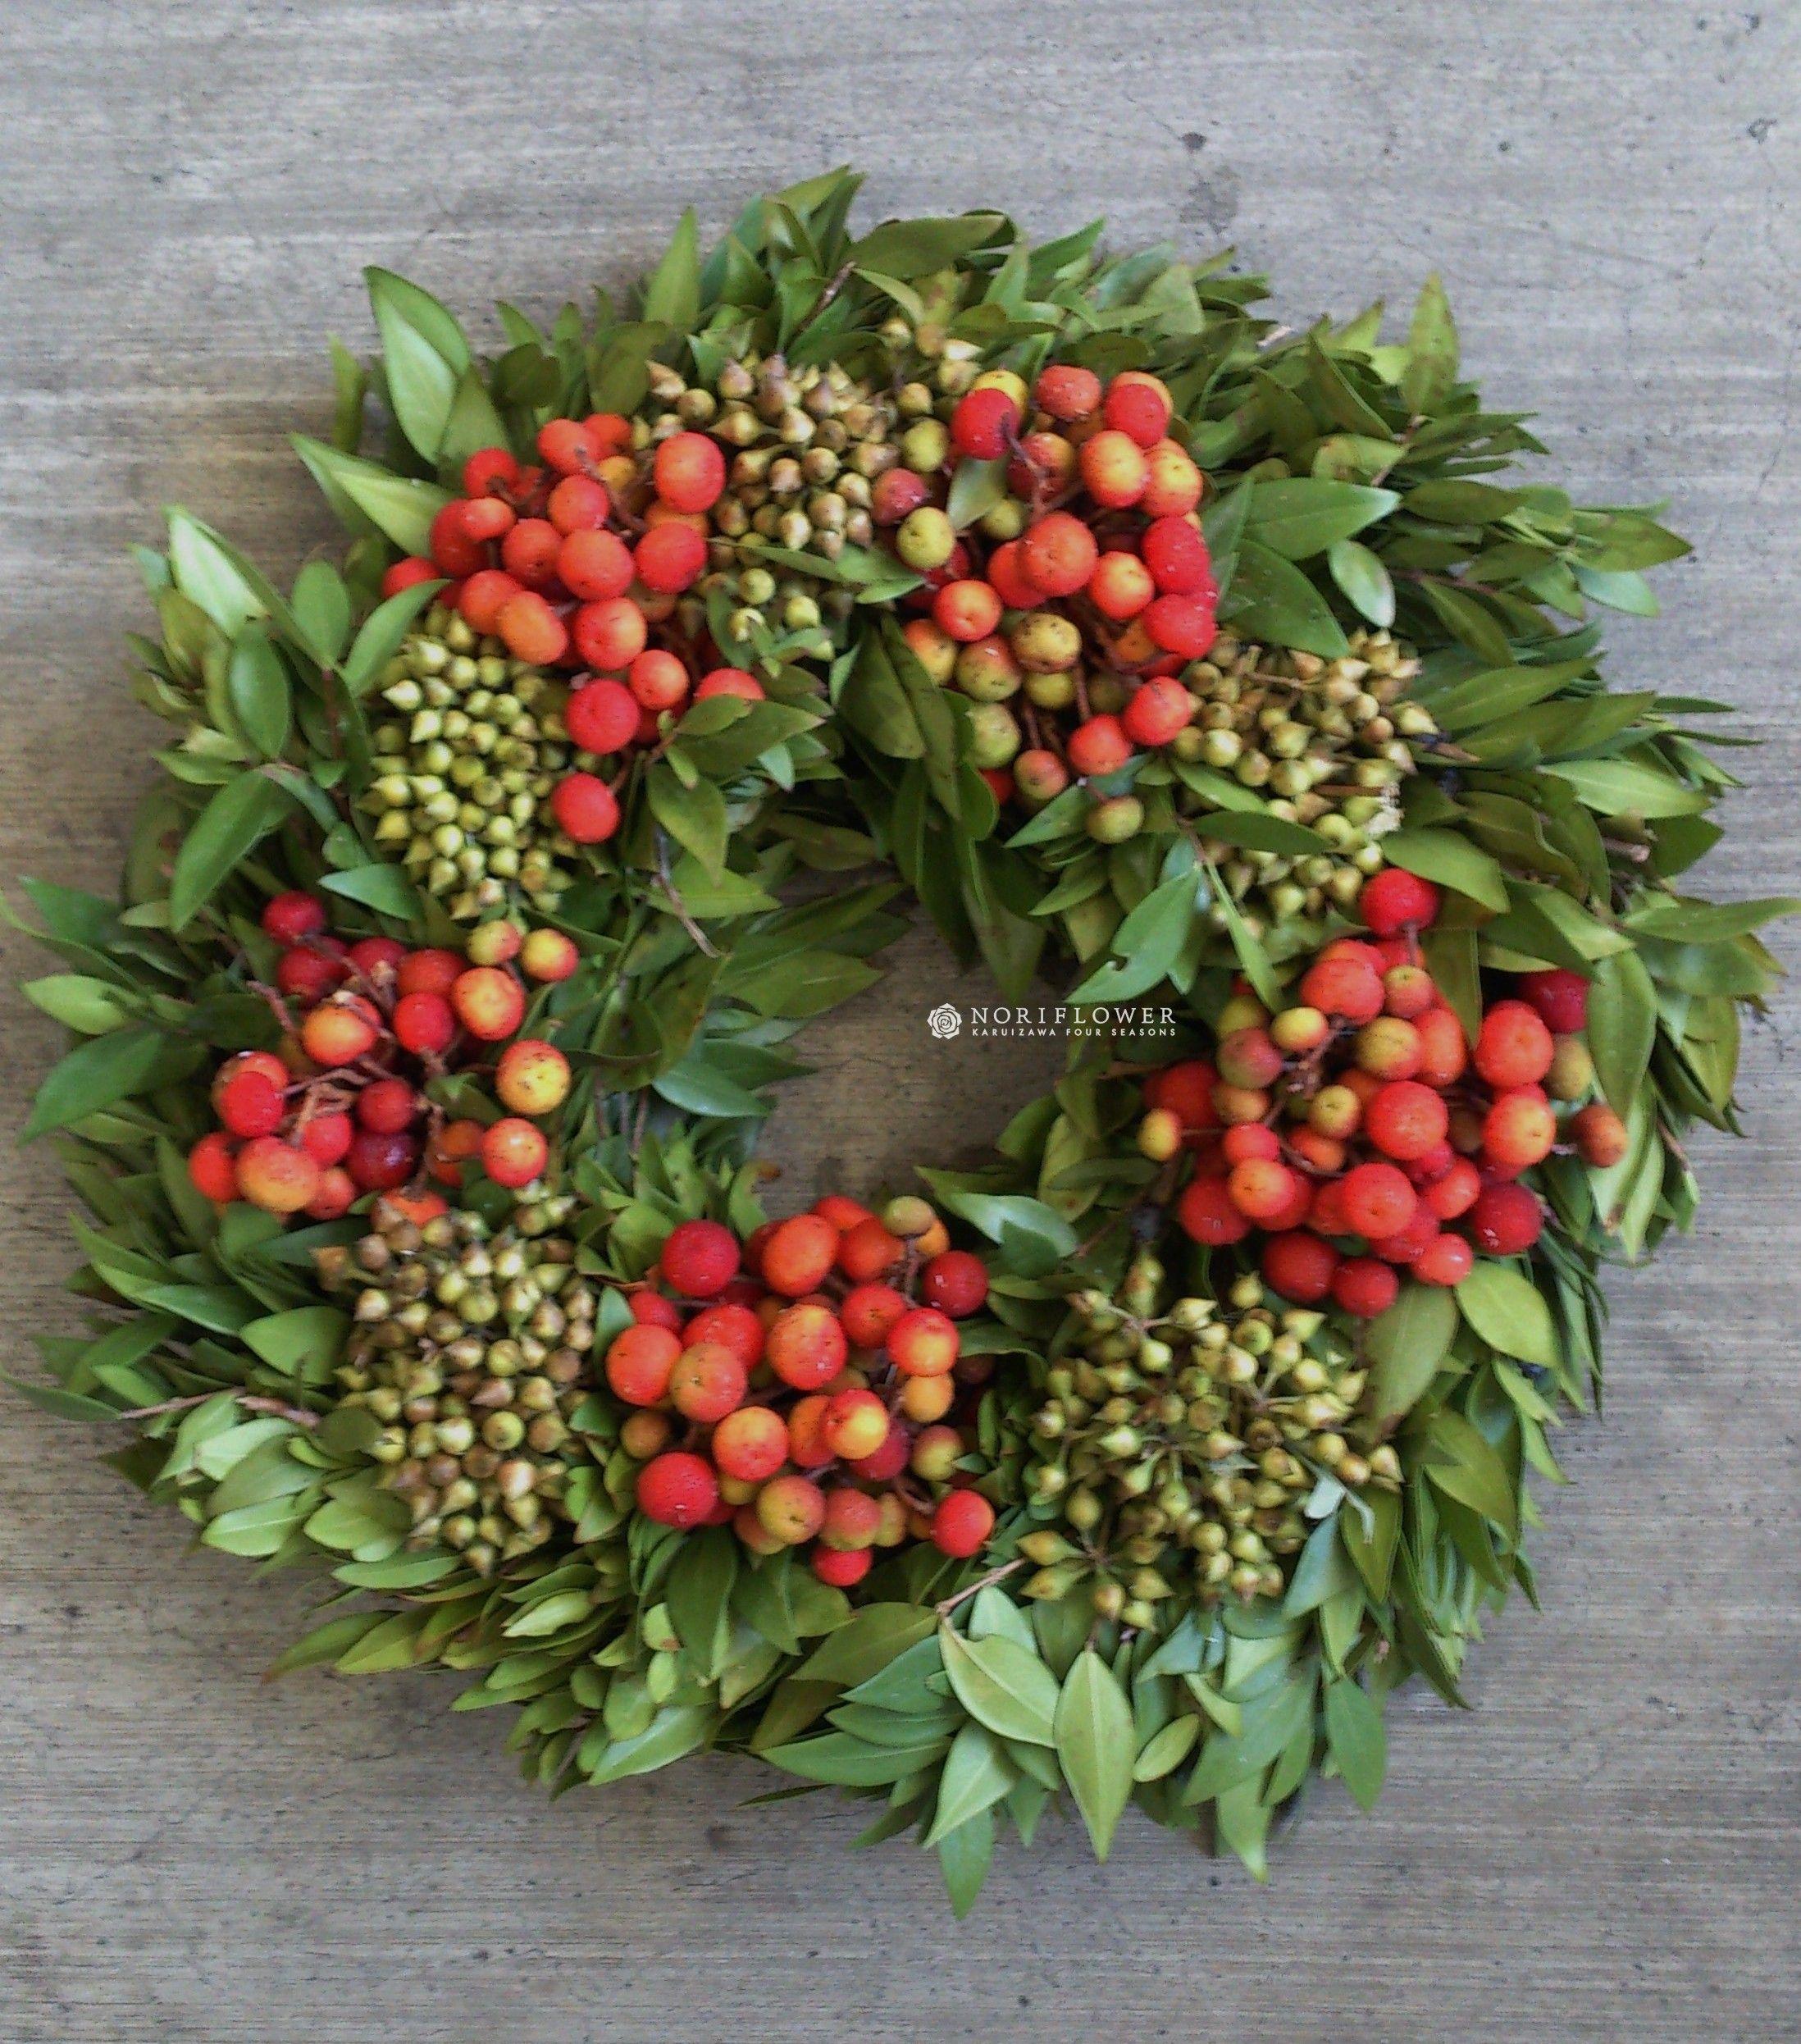 クリスマスツリーの木の種類は何の木?名前は?も …